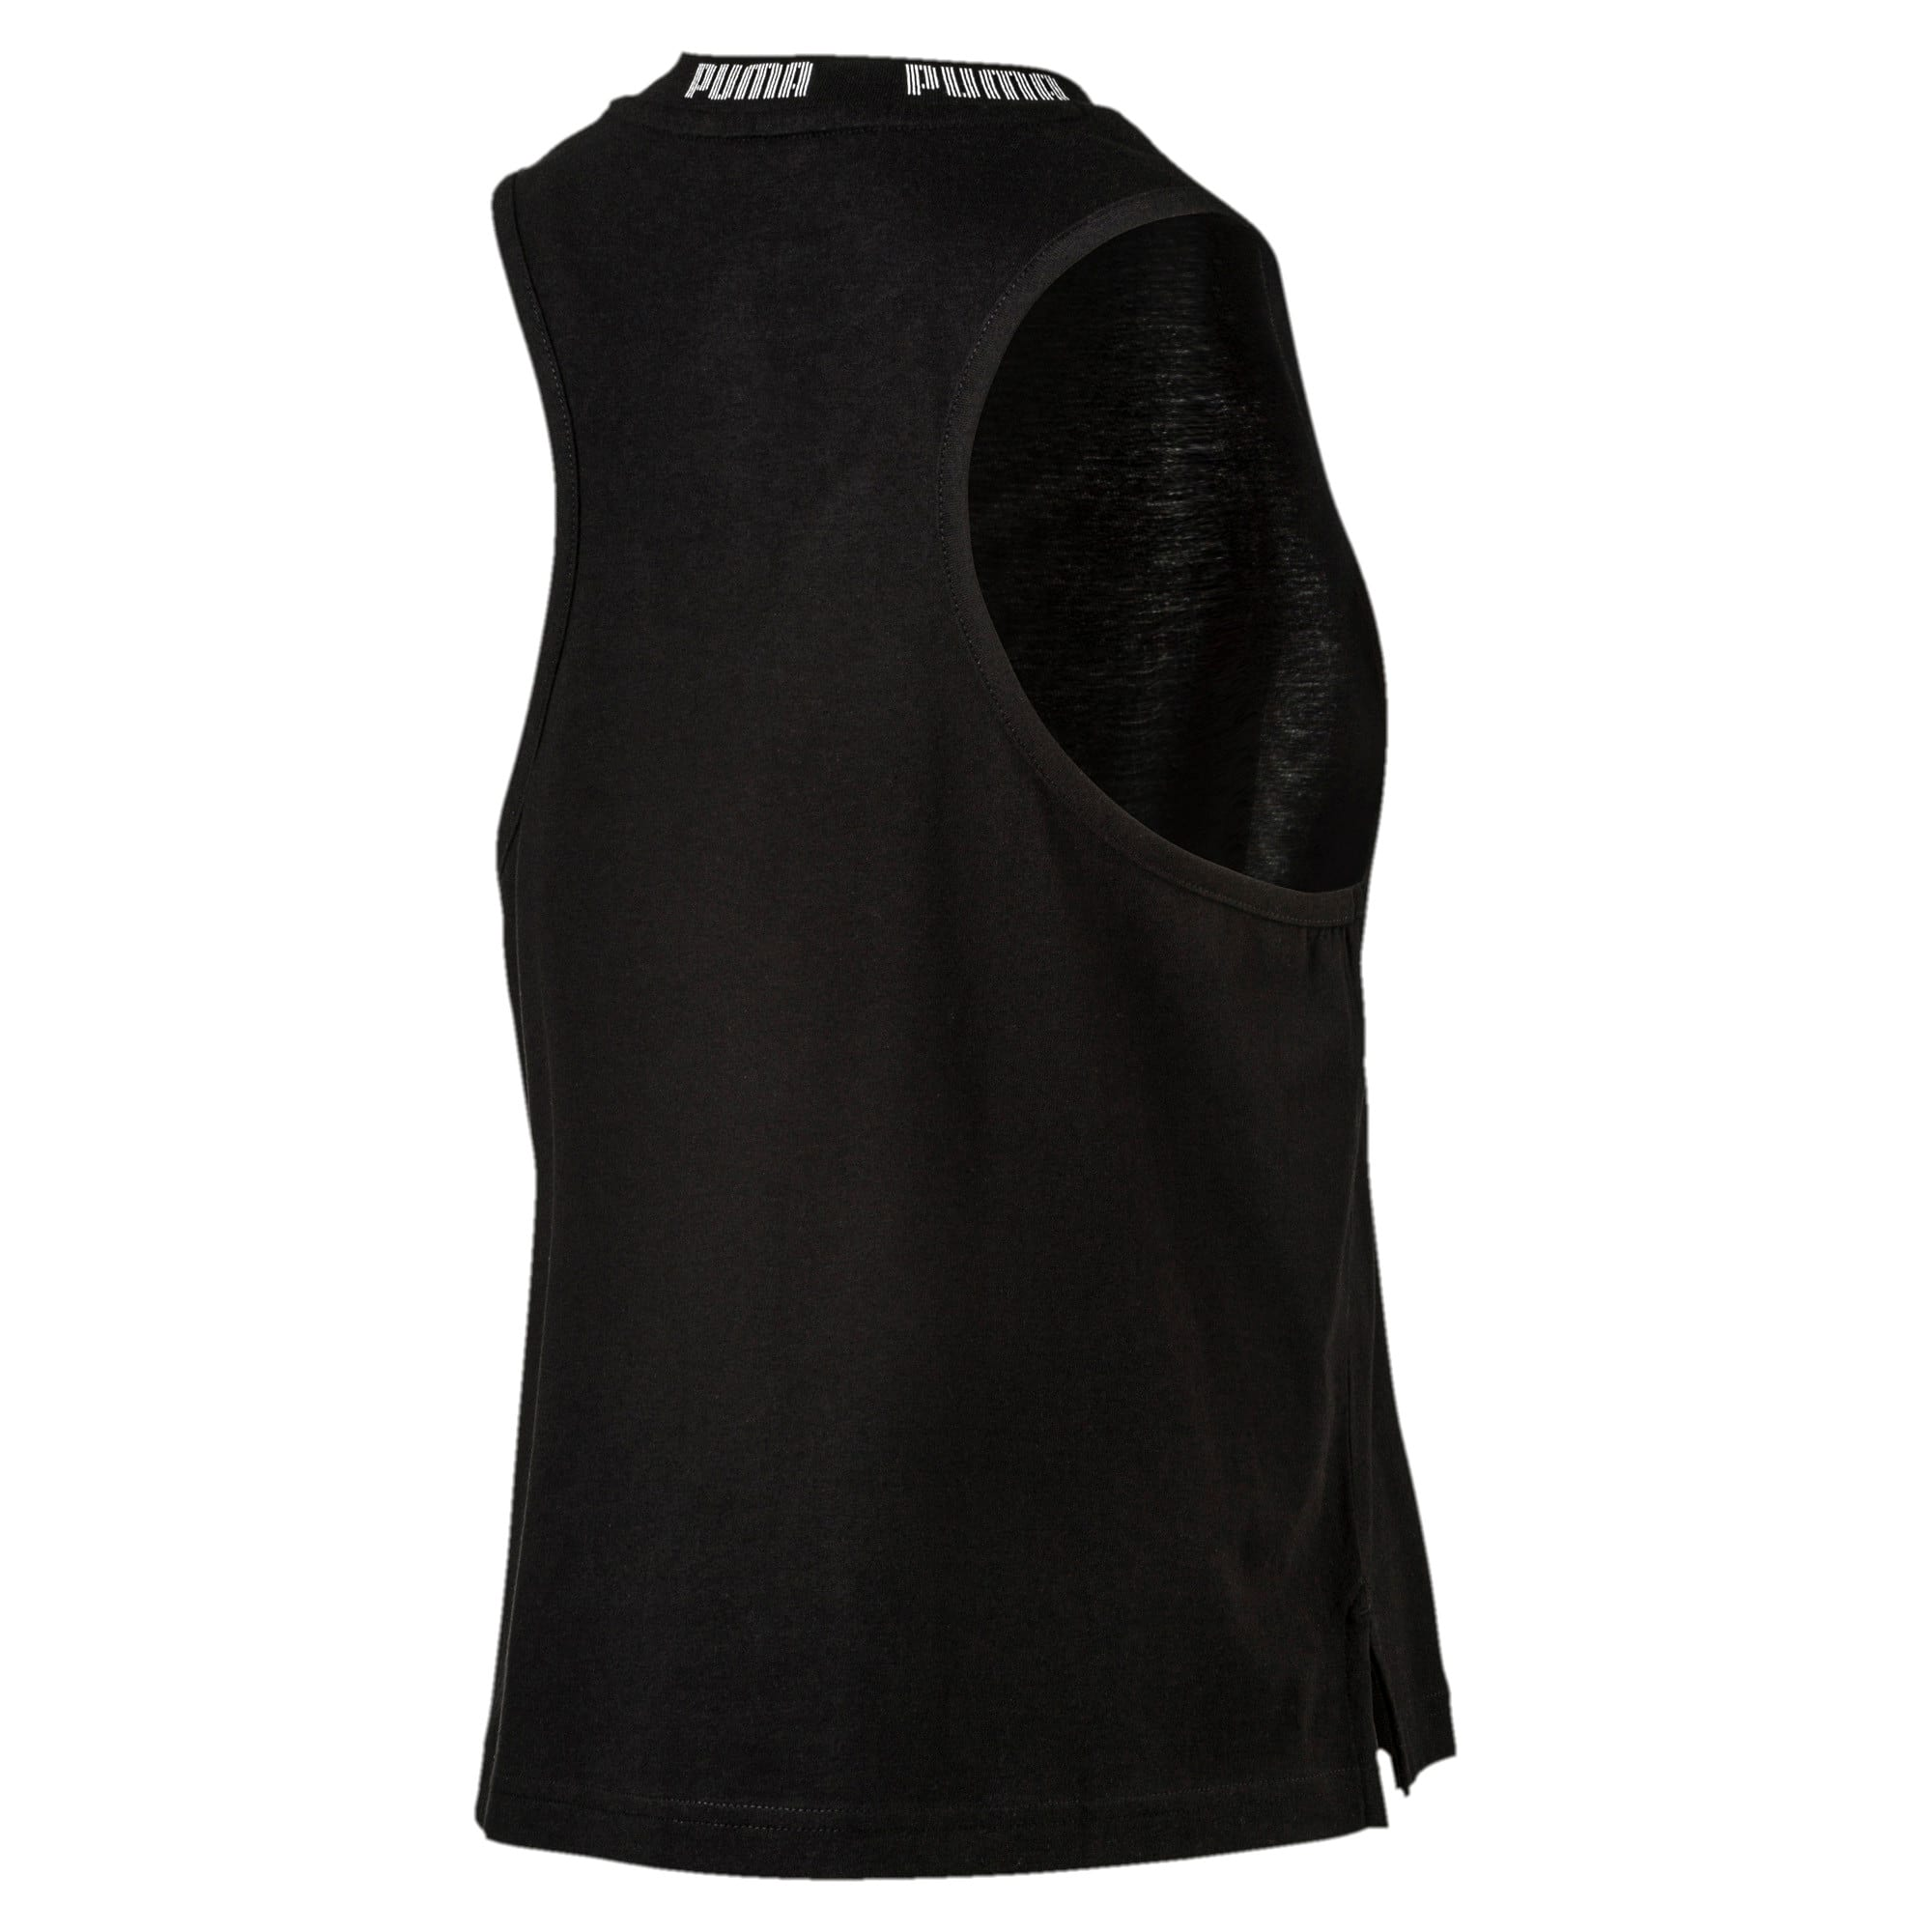 Miniatura 2 de Camiseta sin mangas holgada de mujer, Cotton Black, mediano